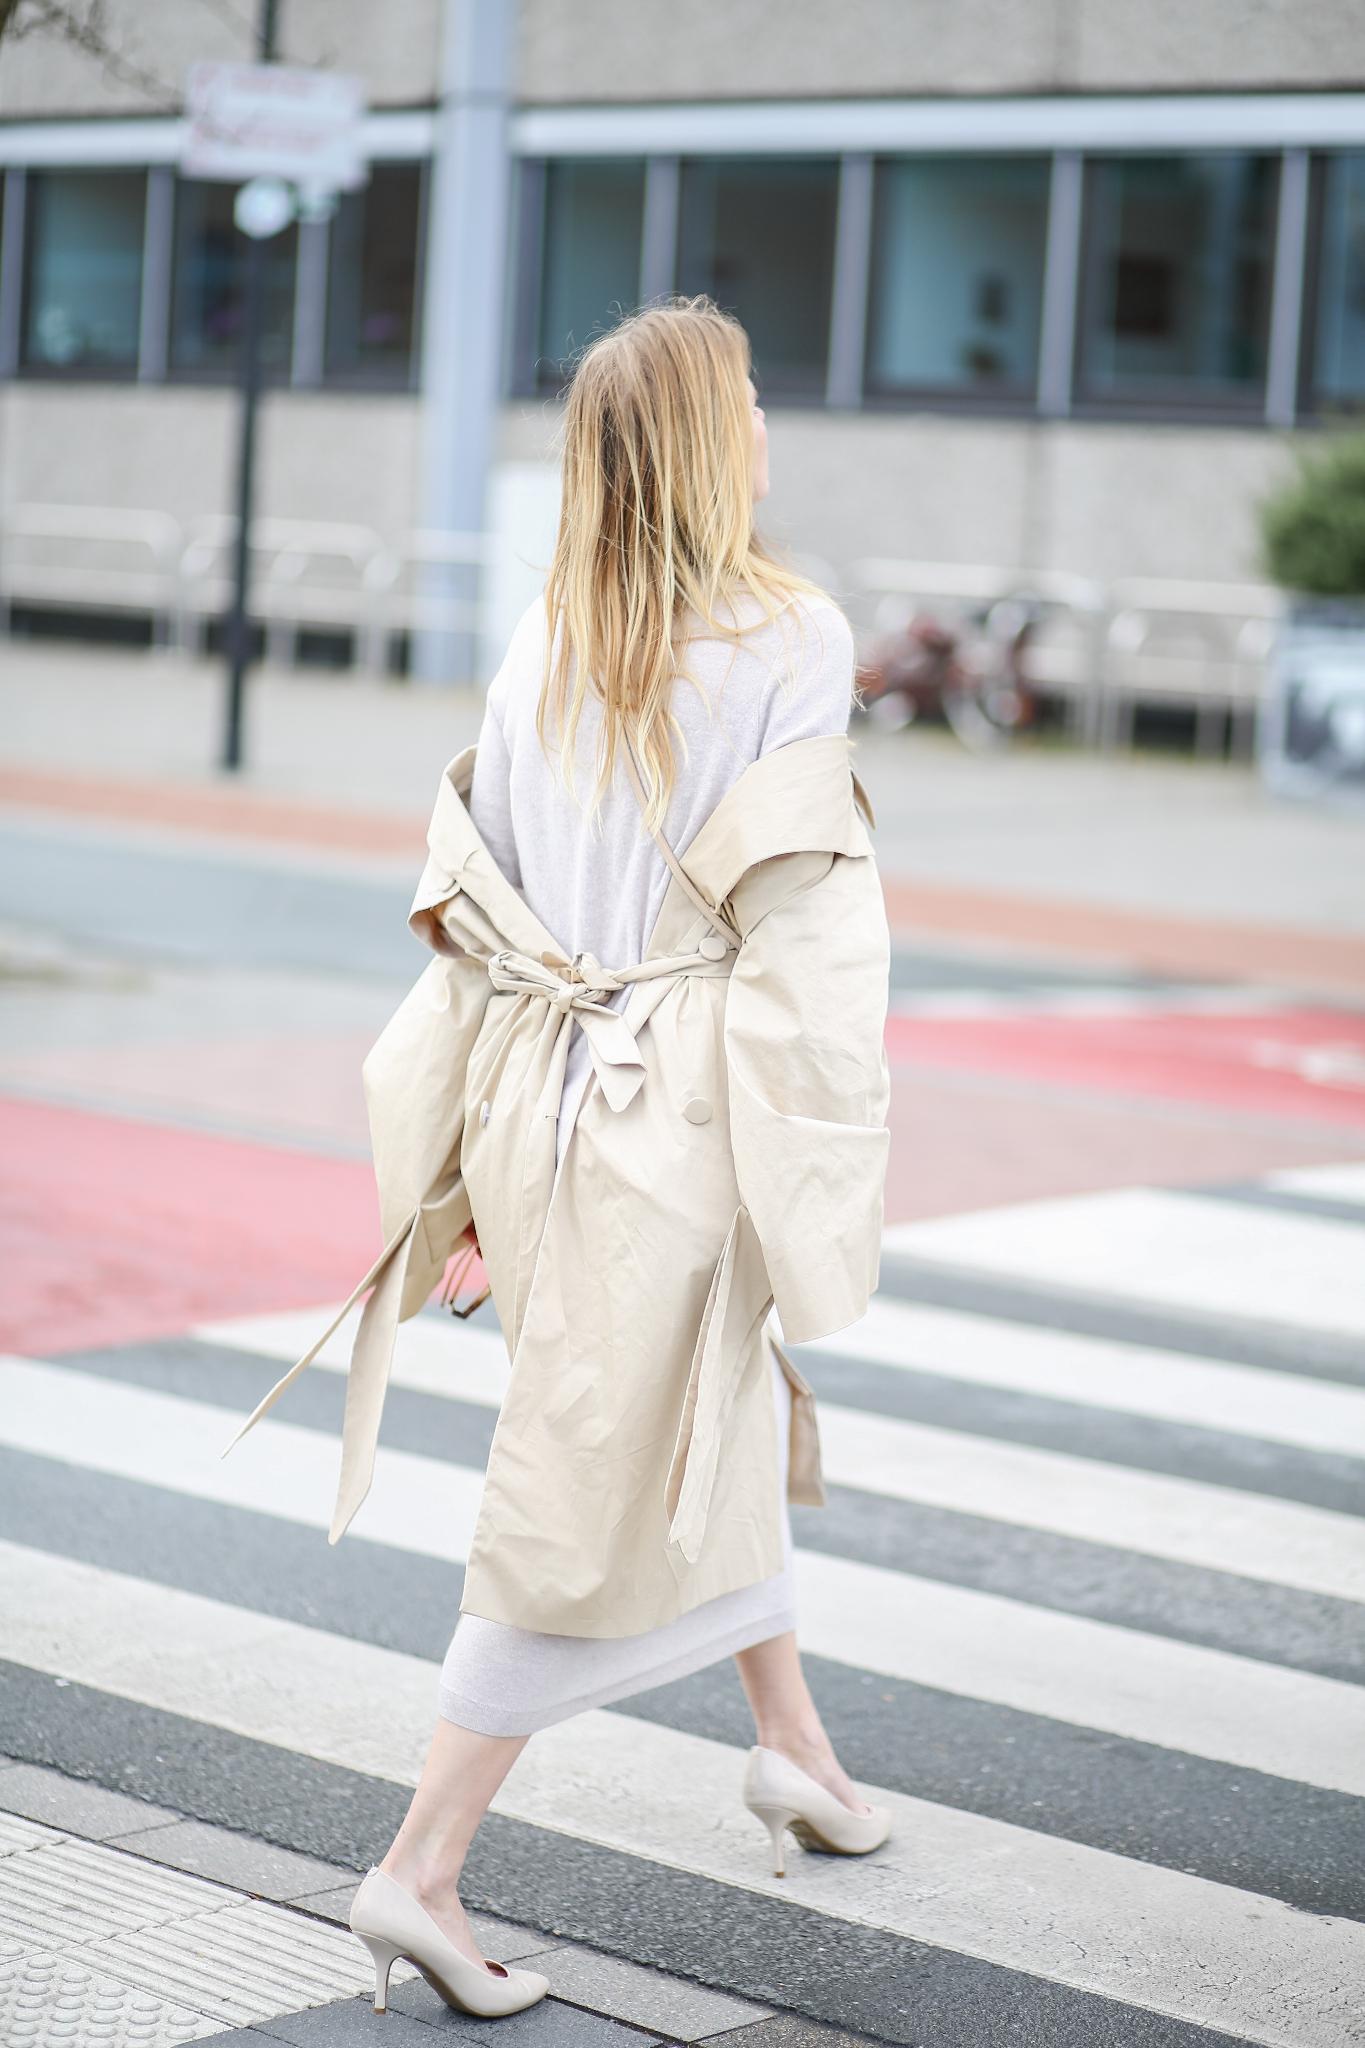 MOD-by-Monique-Fashion-Looks-The-cashmere-dress-10